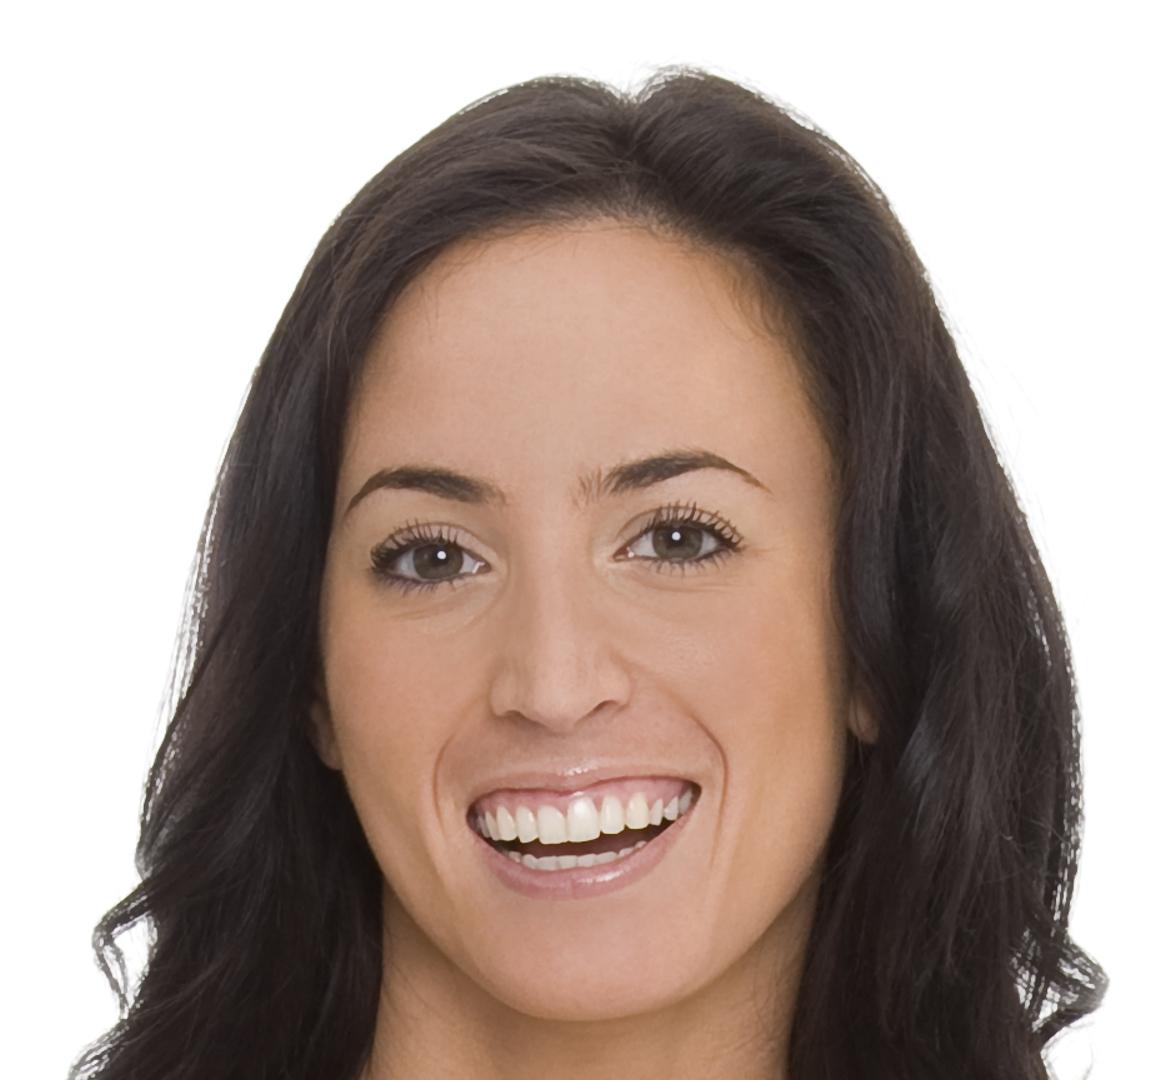 Gesunde und schöne Zähne bedeuten Lebensqualität